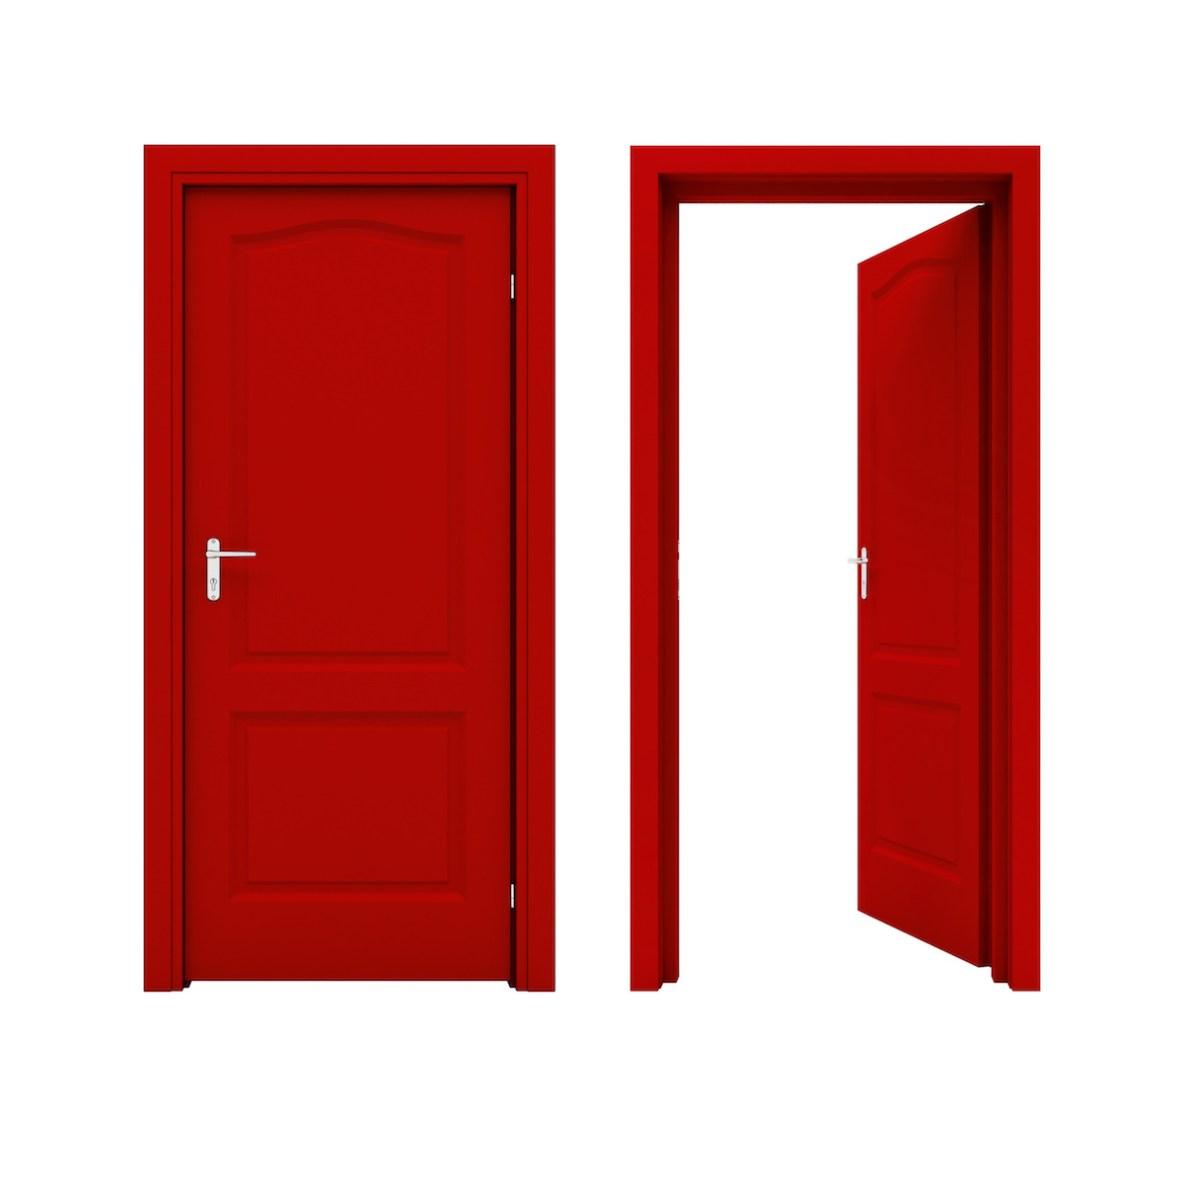 The open and closing doors in the watch world watchisthis for 0pen door